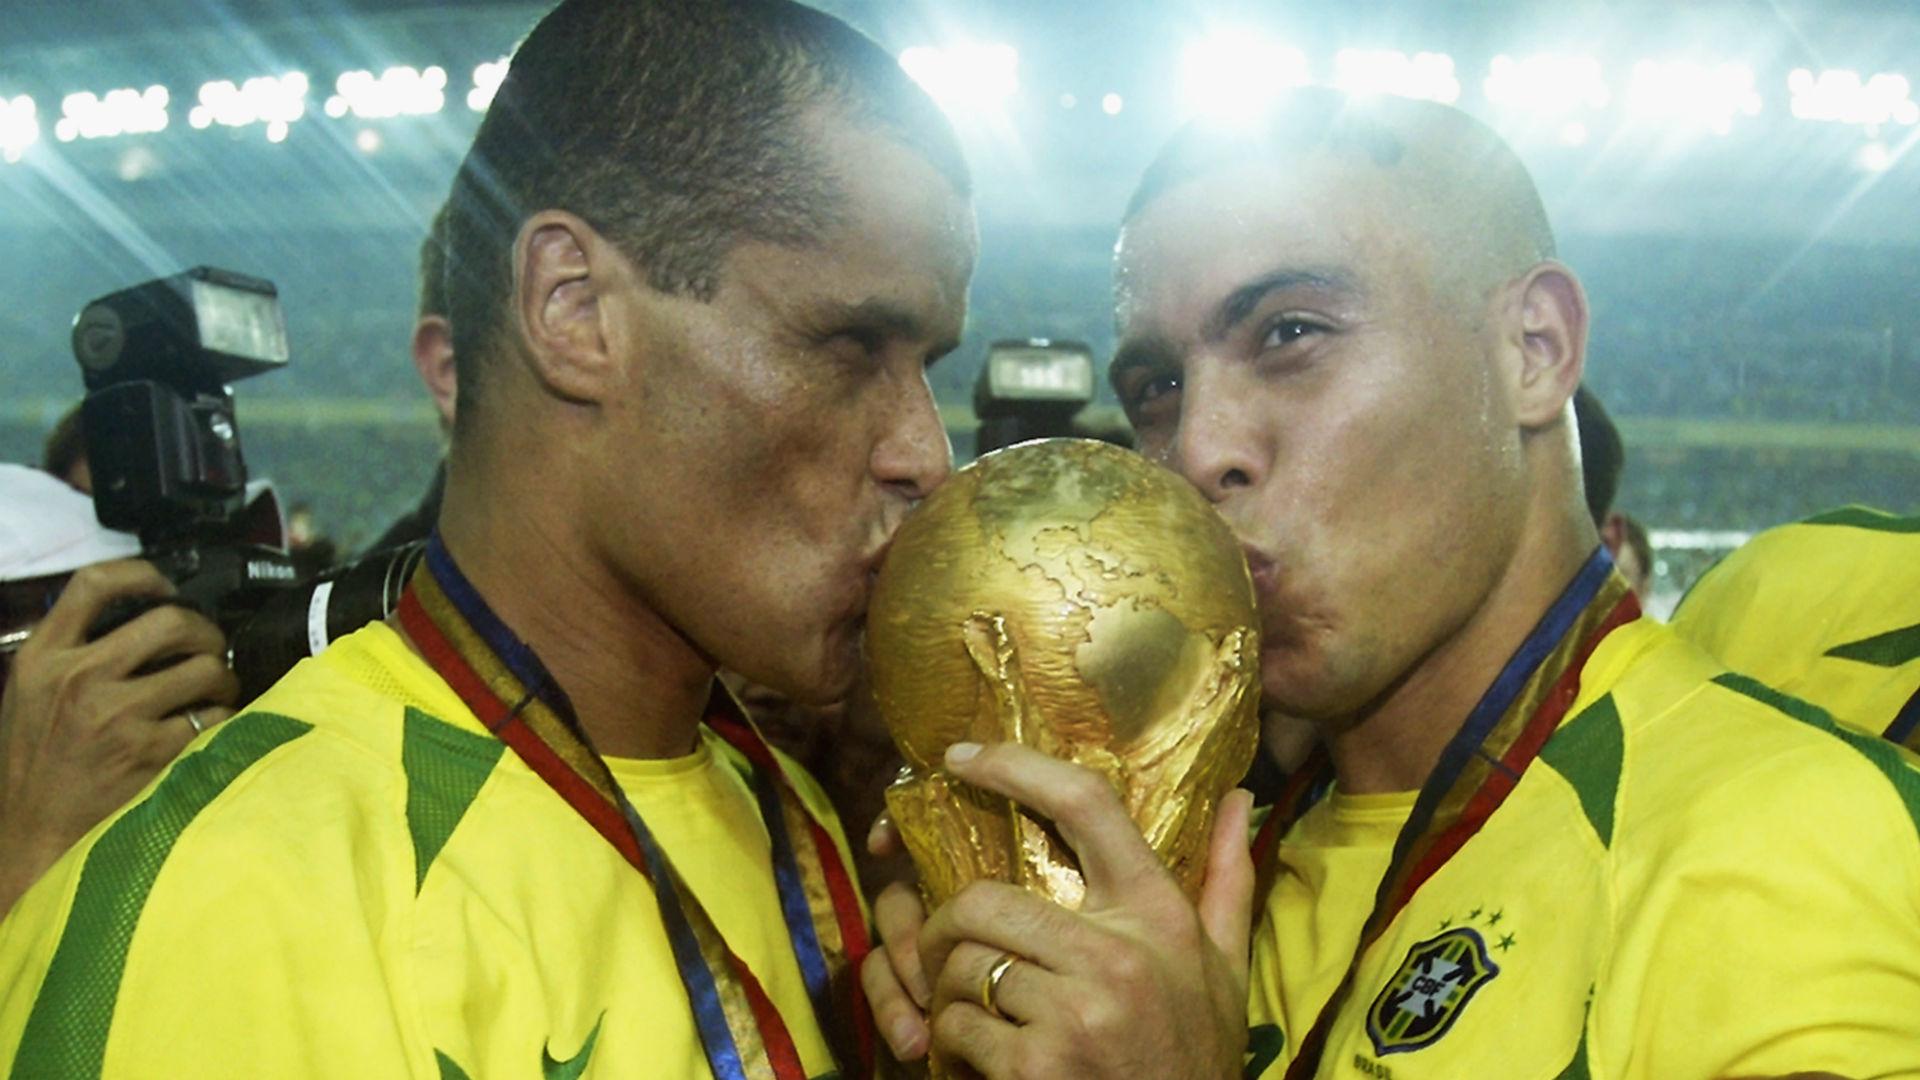 rivaldo ronaldo nazario - brazil world cup - 2002